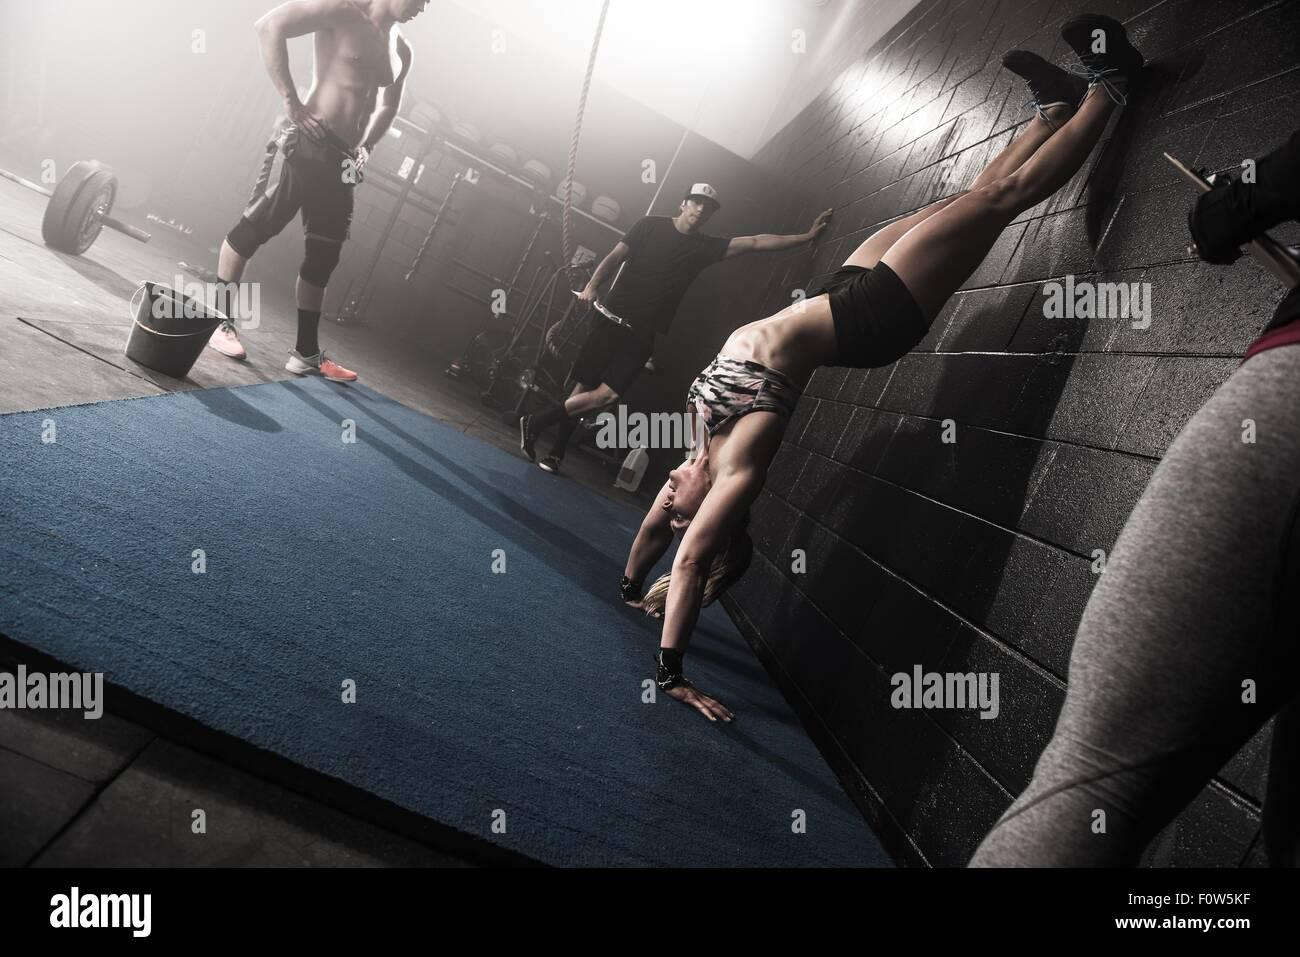 Grupo de personas trabajando en el gimnasio Foto de stock